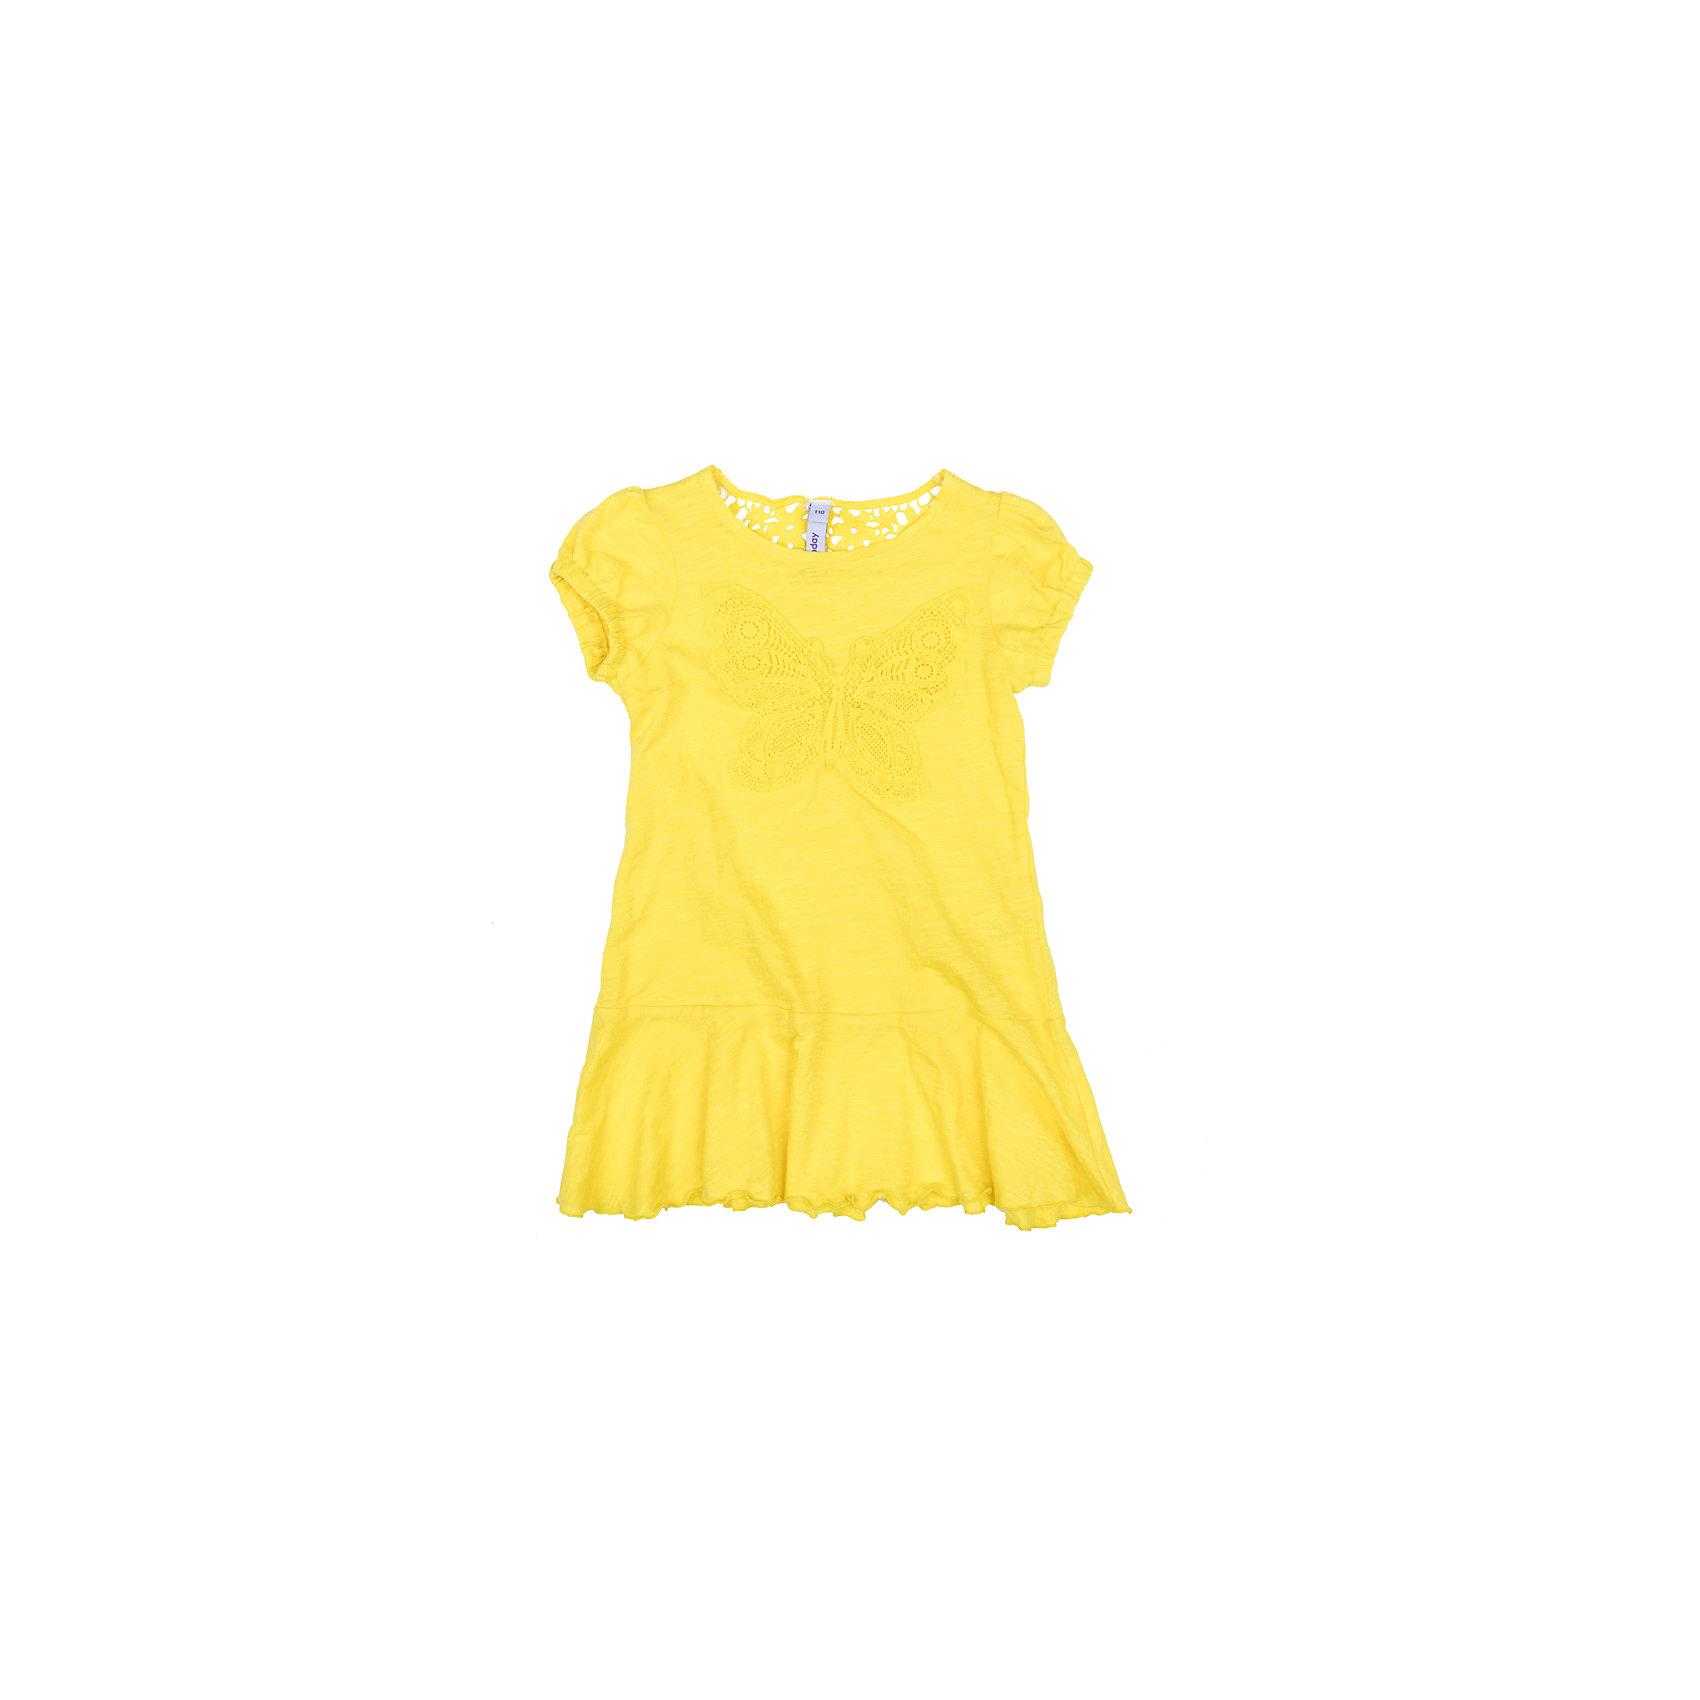 Платье для девочки PlayTodayПлатья и сарафаны<br>Характеристики товара:<br><br>• цвет: желтый<br>• состав: 100% хлопок<br>• декорировано кружевом<br>• дышащий материал<br>• с коротким рукавом<br>• мягкая обработка краев<br>• комфортная посадка<br>• коллекция: весна-лето 2017<br>• страна бренда: Германия<br>• страна производства: Китай<br><br>Популярный бренд PlayToday выпустил новую коллекцию! Вещи из неё продолжают радовать покупателей удобством, стильным дизайном и продуманным кроем. Дети носят их с удовольствием. PlayToday - это линейка товаров, созданная специально для детей. Дизайнеры учитывают новые веяния моды и потребности детей. Порадуйте ребенка обновкой от проверенного производителя!<br>Такая стильная модель обеспечит ребенку комфорт благодаря качественному материалу и продуманному крою. С помощью неё можно удобно одеться по погоде. Очень модная вещь! Симпатично выглядит и долго служит.<br><br>Платье для девочки от известного бренда PlayToday можно купить в нашем интернет-магазине.<br><br>Ширина мм: 236<br>Глубина мм: 16<br>Высота мм: 184<br>Вес г: 177<br>Цвет: желтый<br>Возраст от месяцев: 60<br>Возраст до месяцев: 72<br>Пол: Женский<br>Возраст: Детский<br>Размер: 116,110,104,98,128,122<br>SKU: 5404508